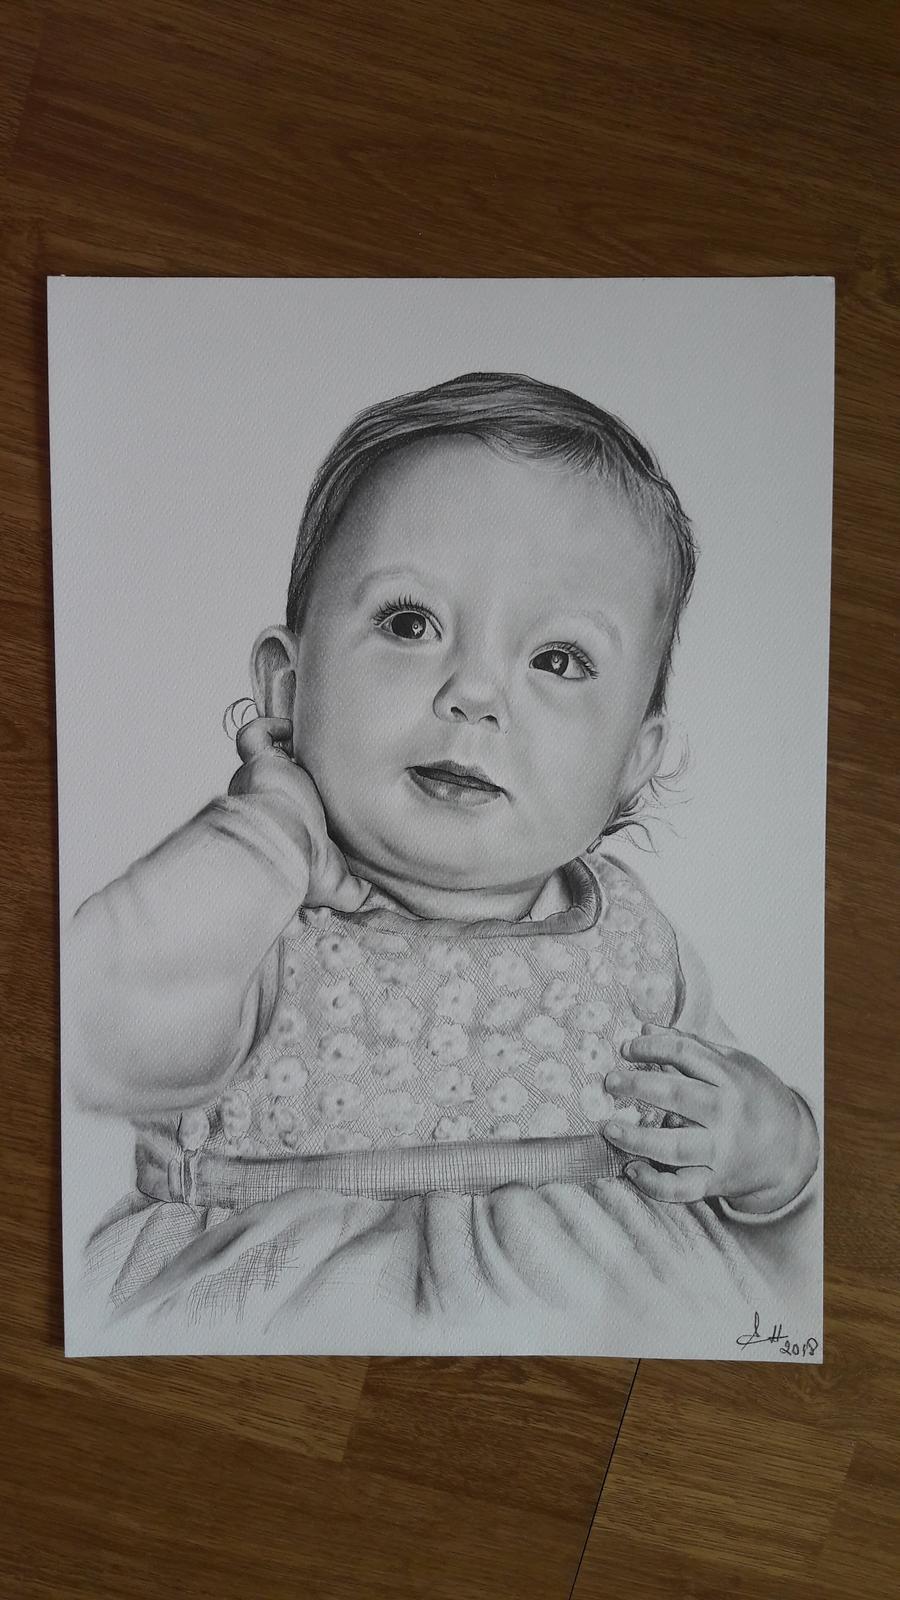 Kresby detičiek, mnou kreslené:) - Obrázok č. 1